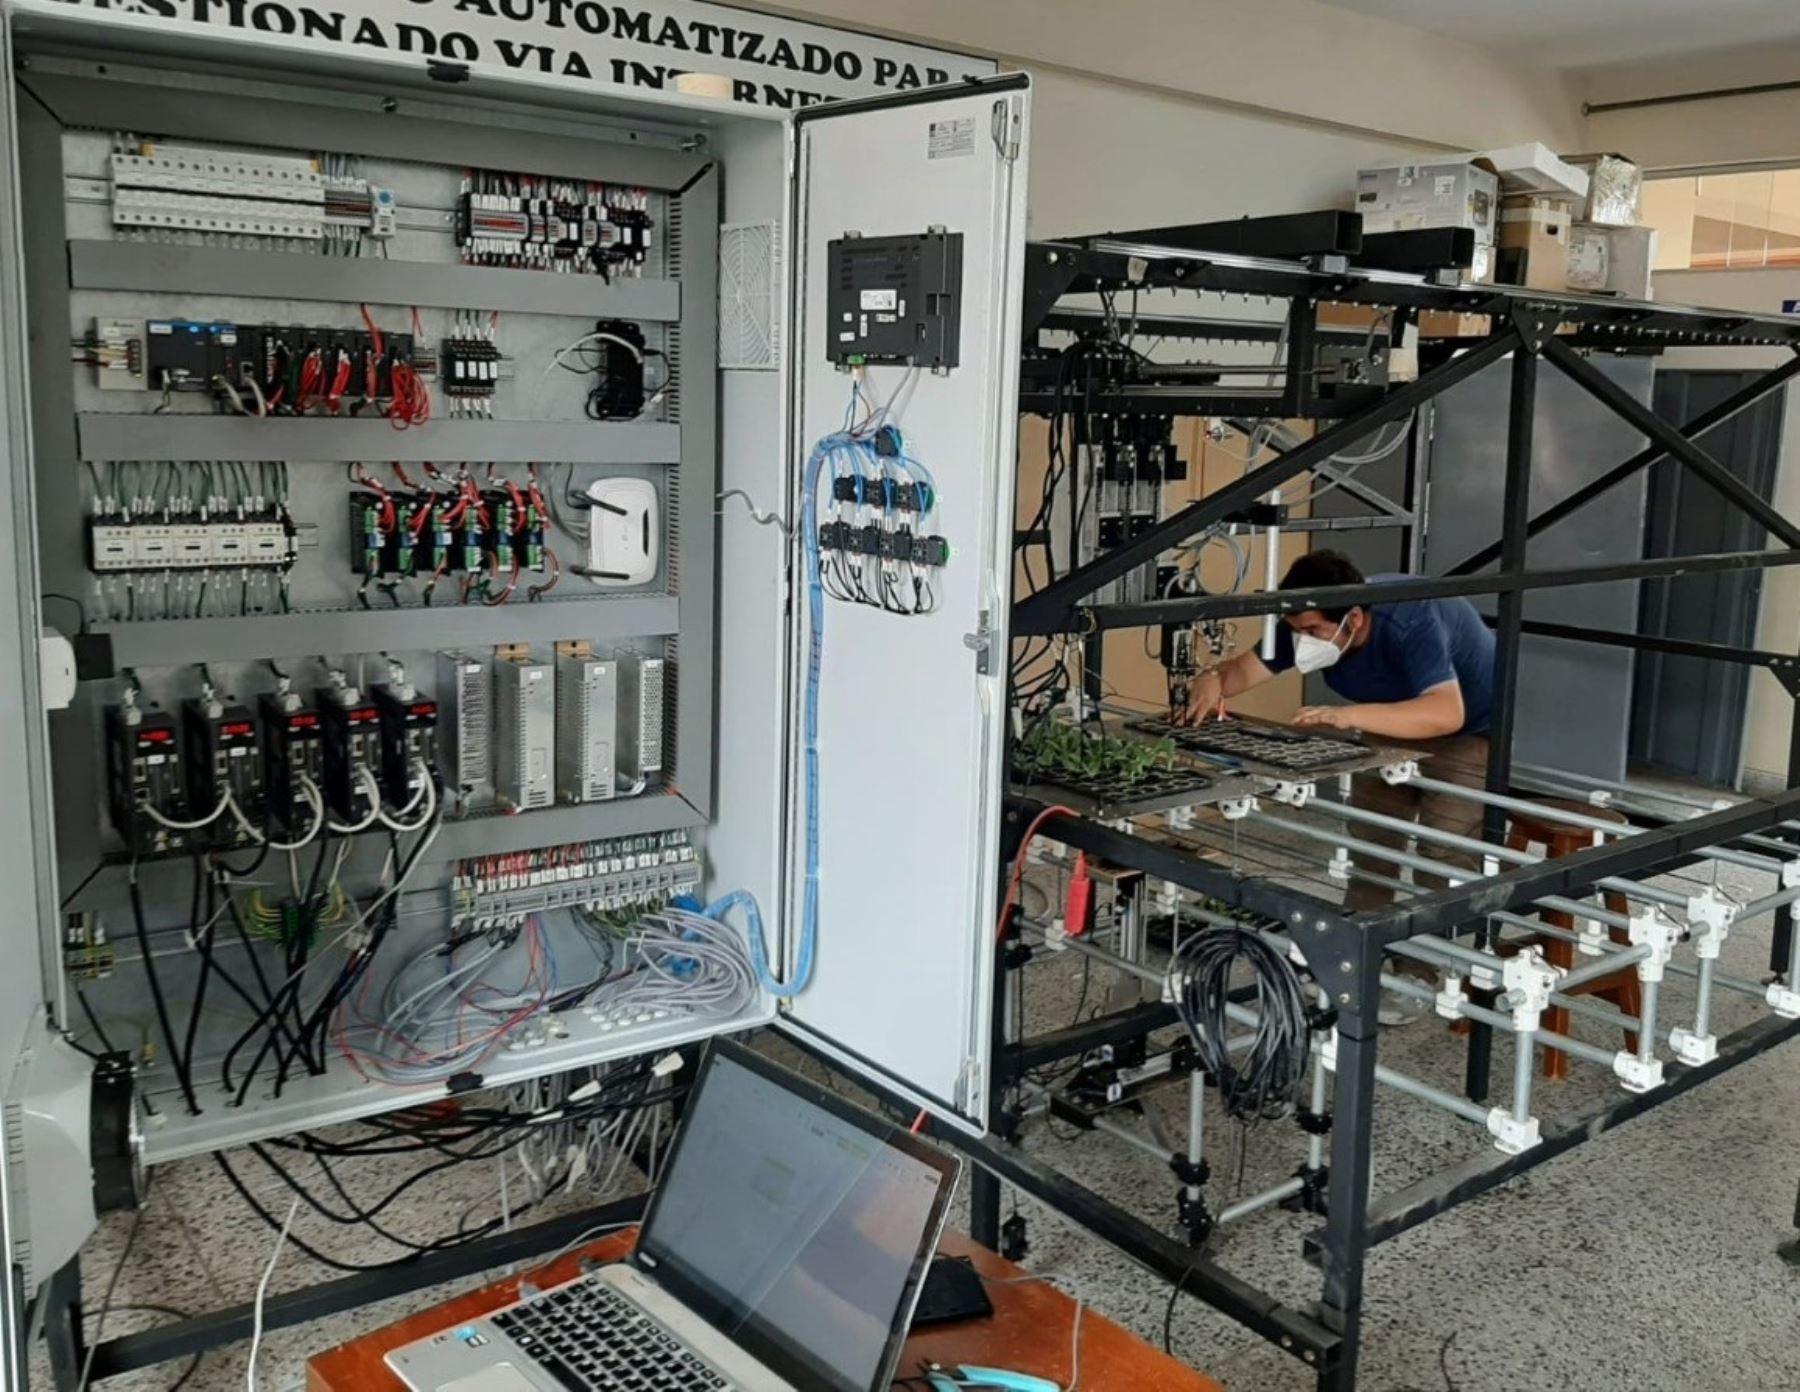 Investigadores peruanos de la Universidad Privada Anteneor Orrego desarrollan un innovador sistema robótico que busca optimizar la producción de la agroindustria en La Libertad. ANDINA/Difusión